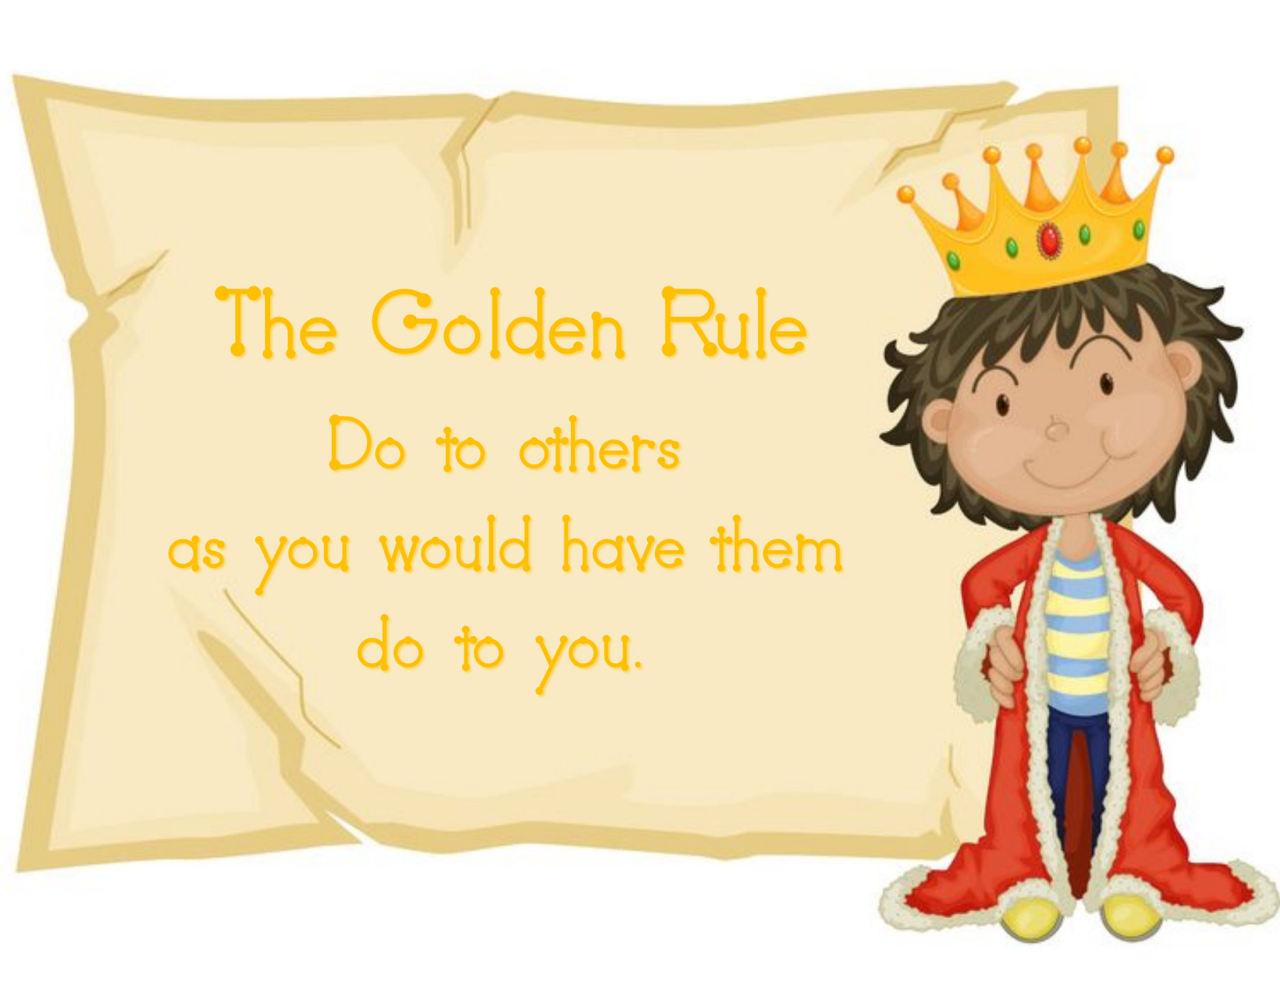 Ms toor grade 1 2 agenda september 2013 for Golden rule painting